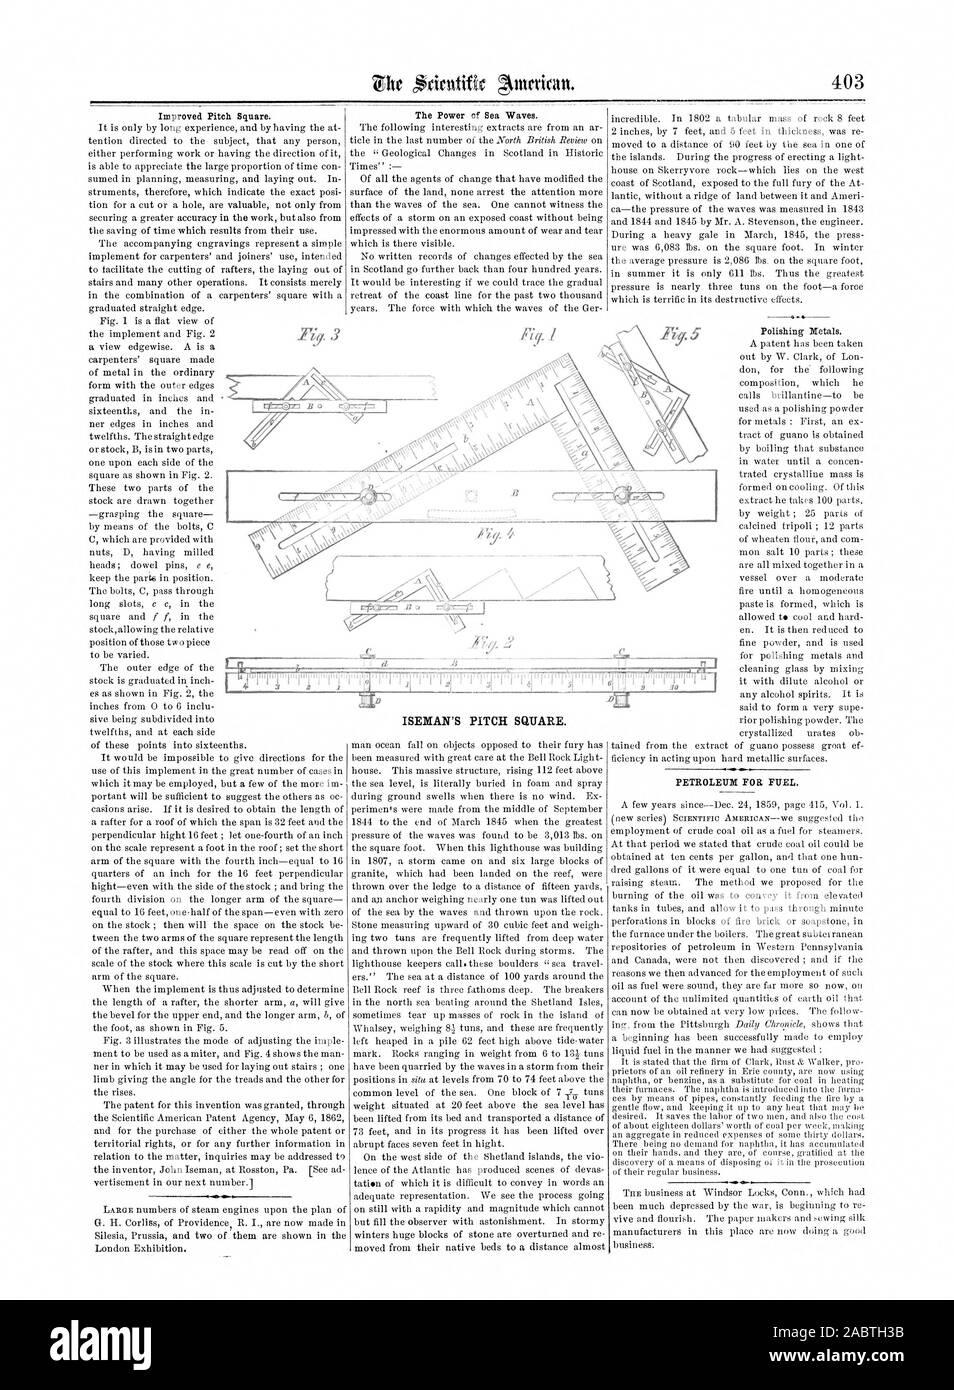 Plaza de tono mejoradas. La energía de las olas del mar. Petróleo para combustible., Scientific American, 1862-06-28 Foto de stock